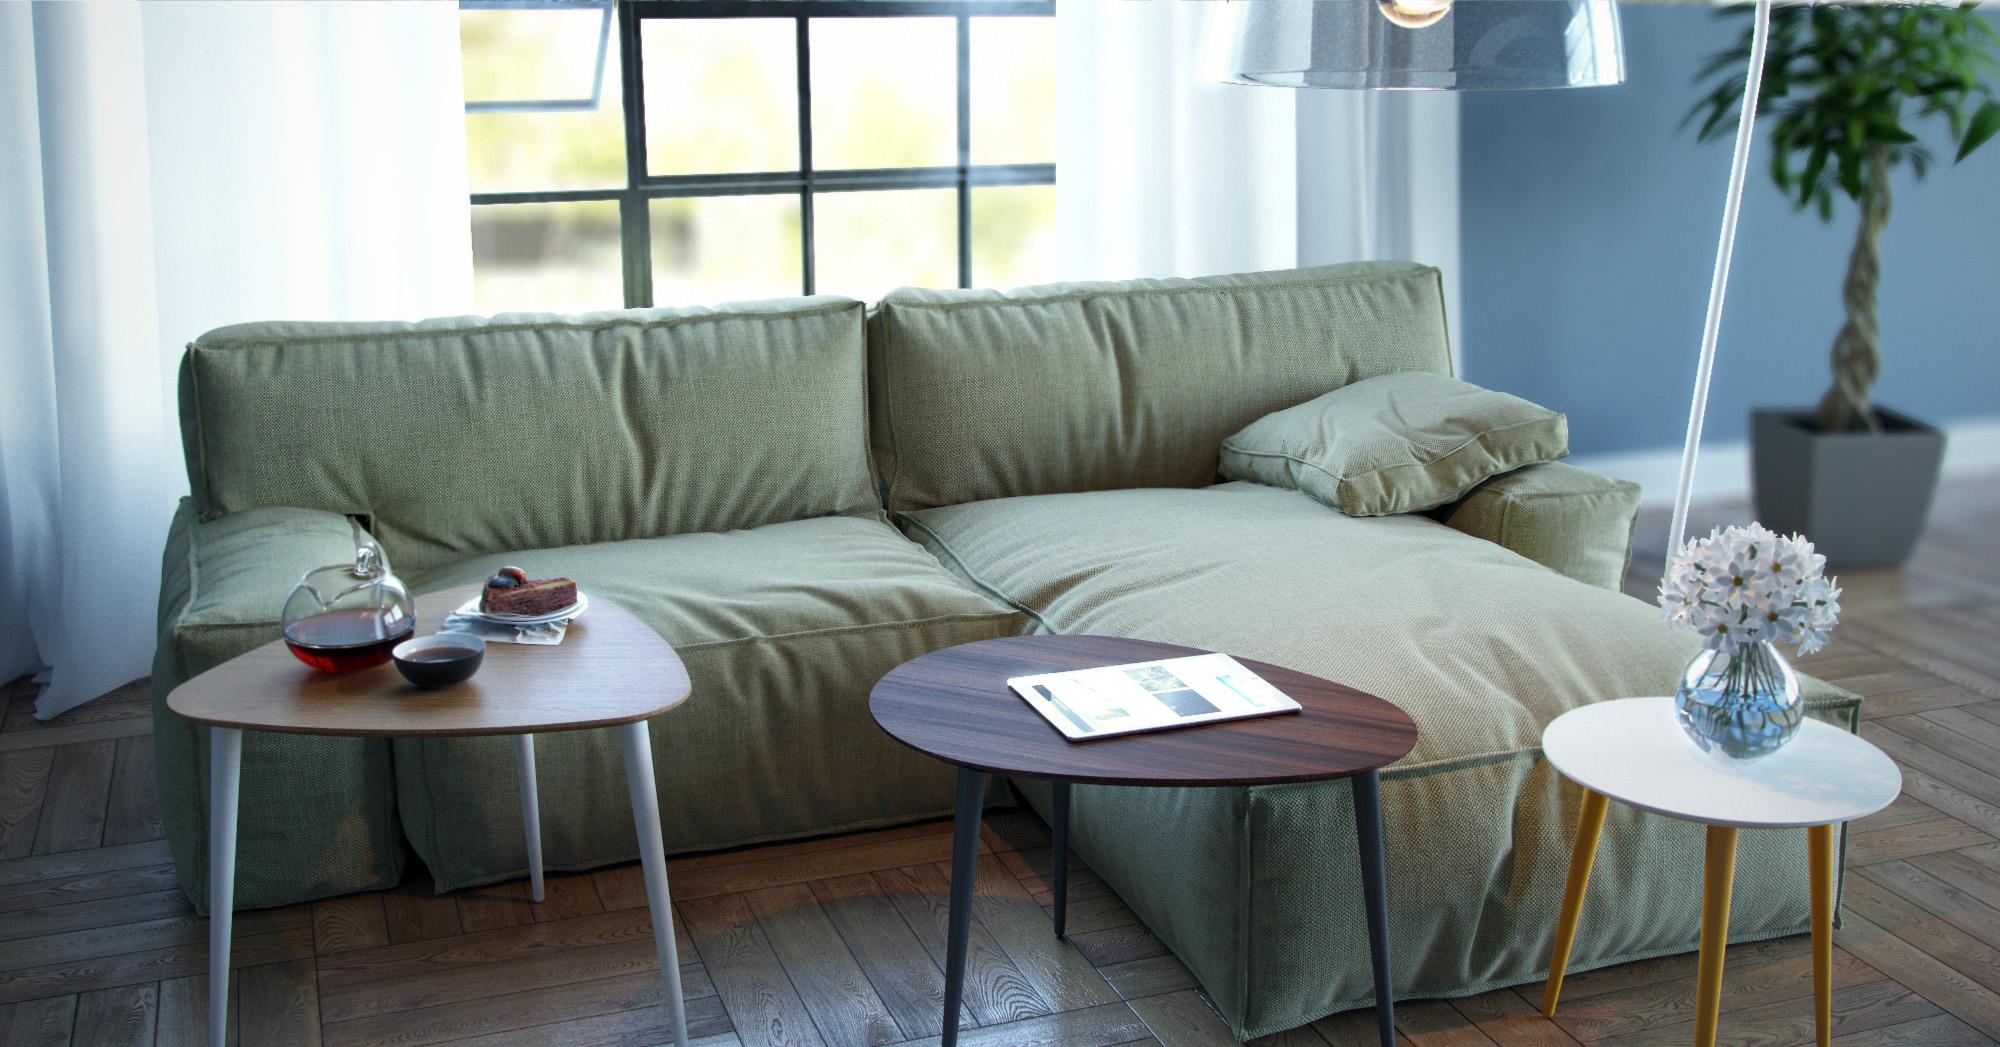 beistelltische mehr als 2000 angebote fotos preise. Black Bedroom Furniture Sets. Home Design Ideas